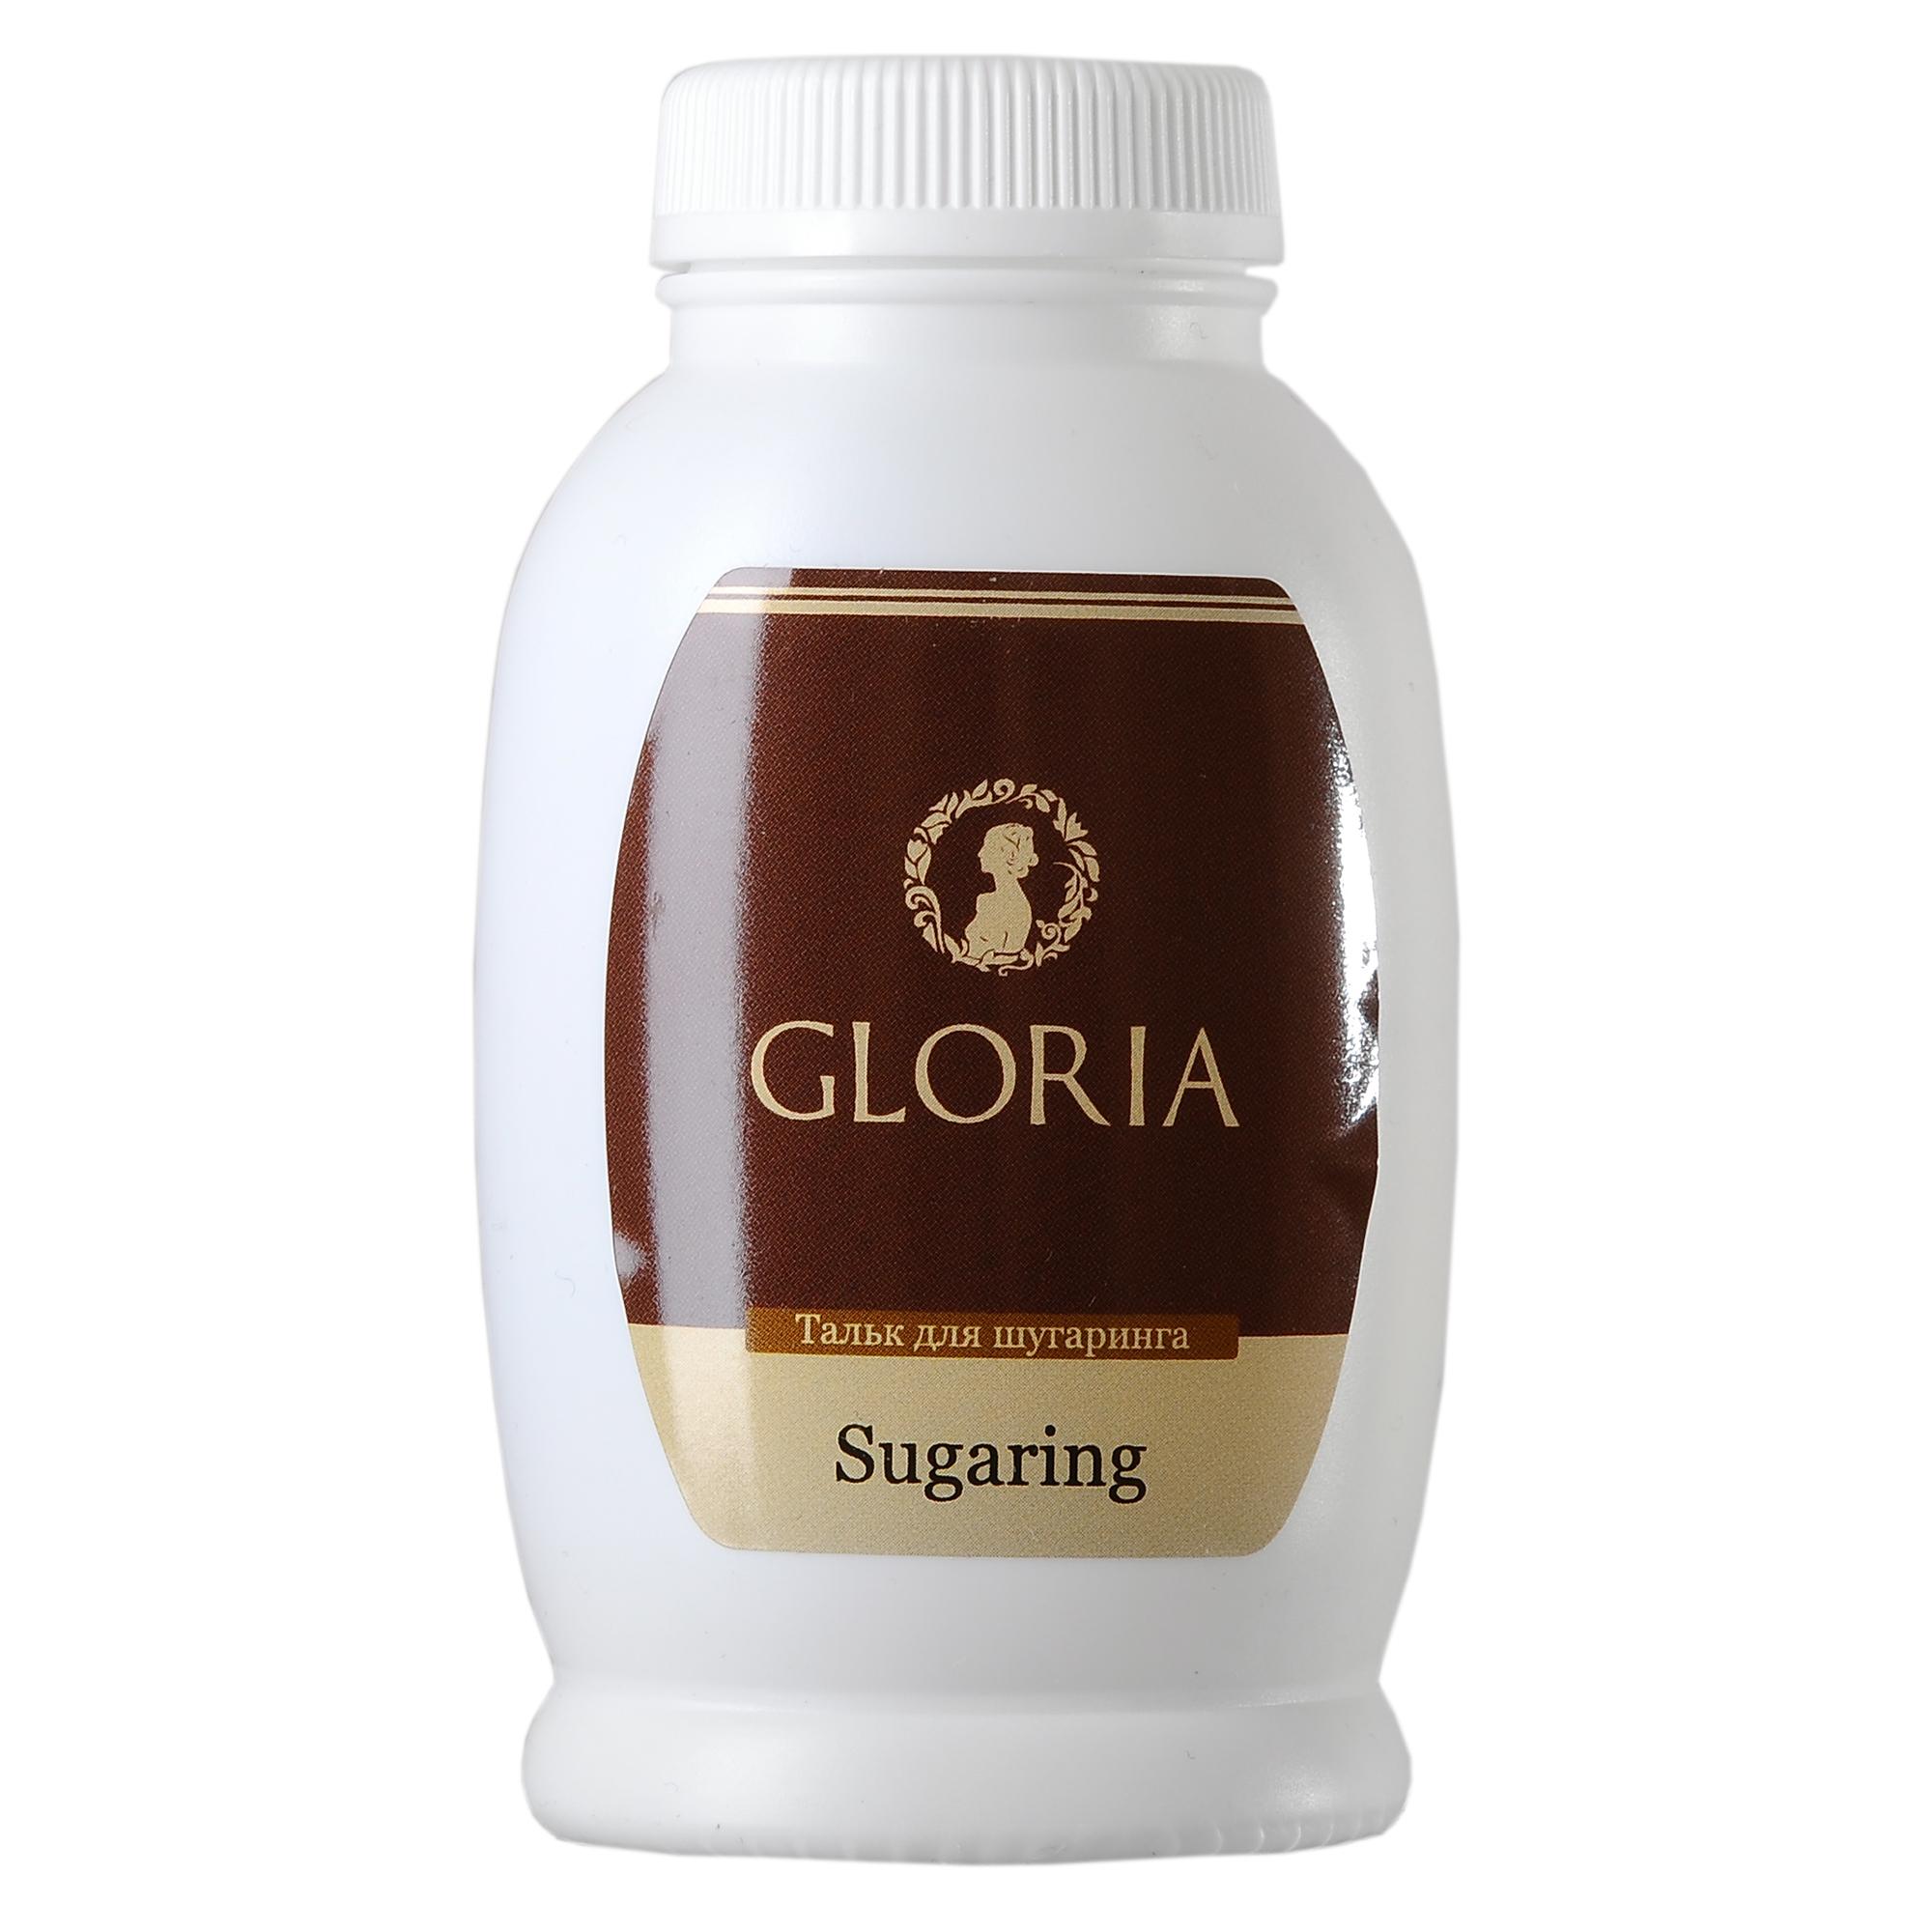 GLORIA Тальк для шугаринга Gloria 90 грТальки<br>Тальк для шугаринга незаменим во время проведения процедуры. Он позволяет убрать излишек влаги, а также приподнимает волоски, что позволяет провести процедуру депиляции сахарной пастой быстрее и комфортнее. Активные ингредиенты: оксид цинка, тальк. Способ применения: нанесите тонким слоем на участок кожи, с которого планируете удалять волосы. Количество процедур: 60<br><br>Объем: 90 гр